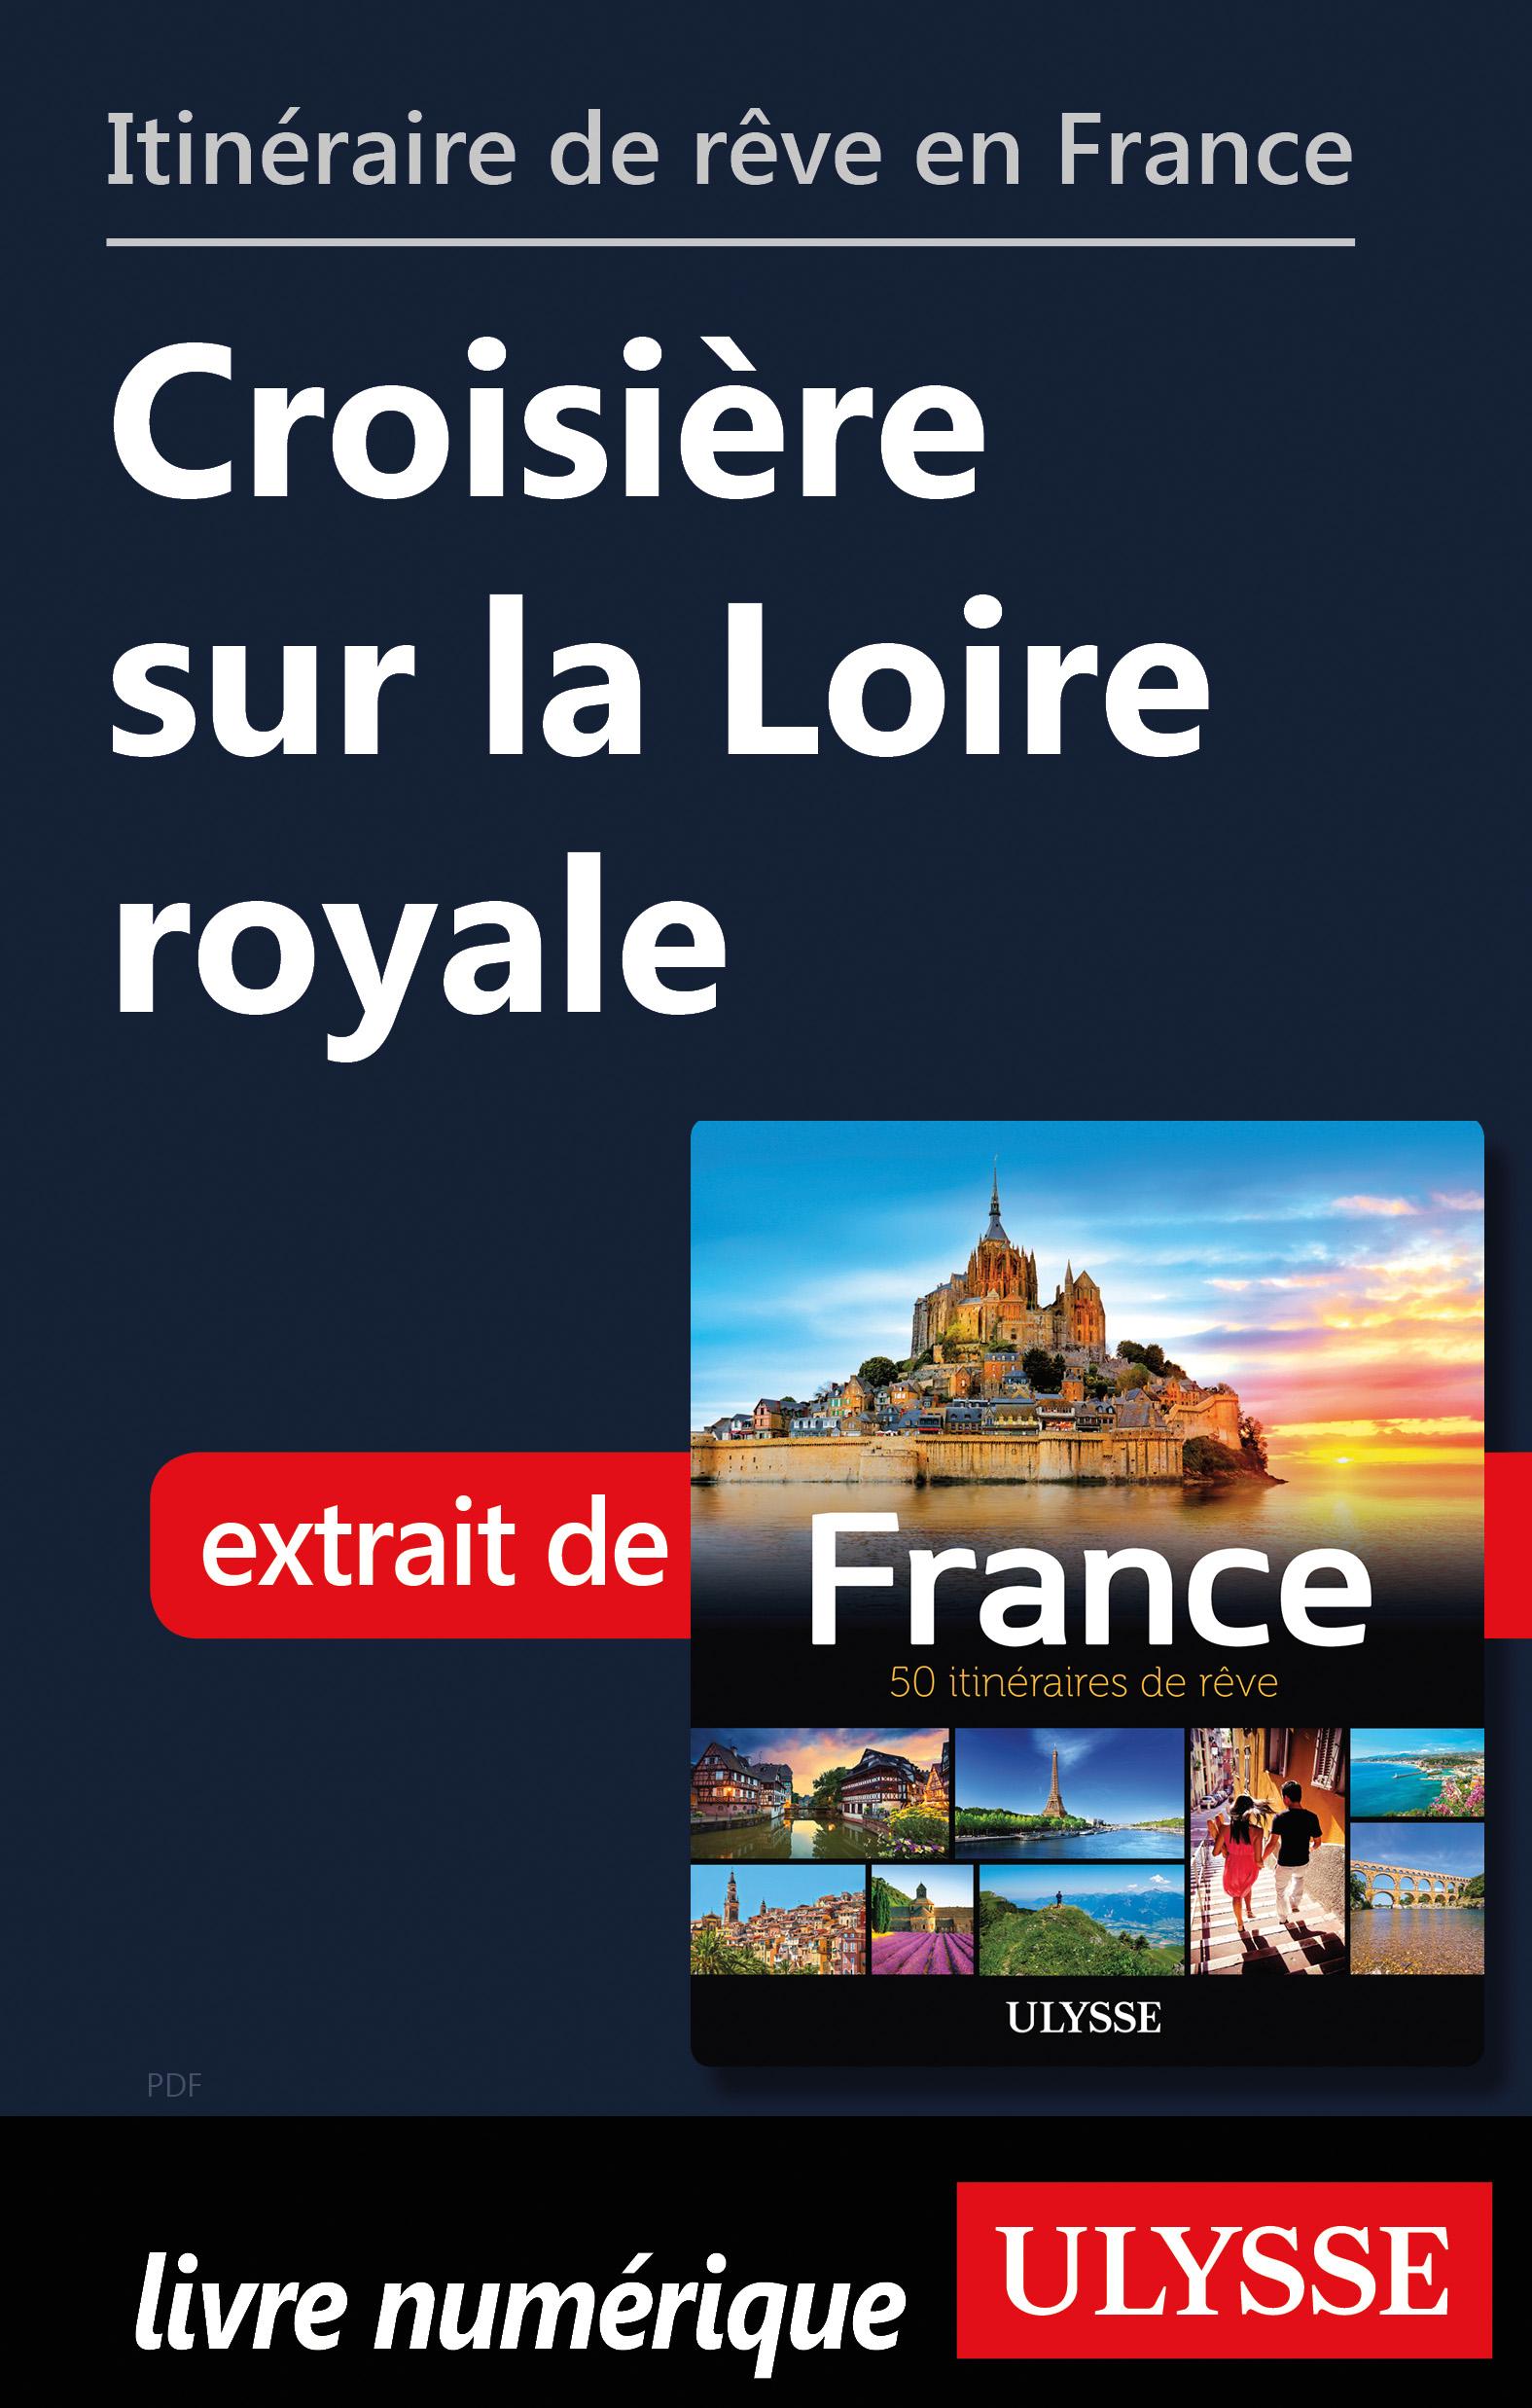 Itinéraire de rêve en France Croisière sur la Loire royale